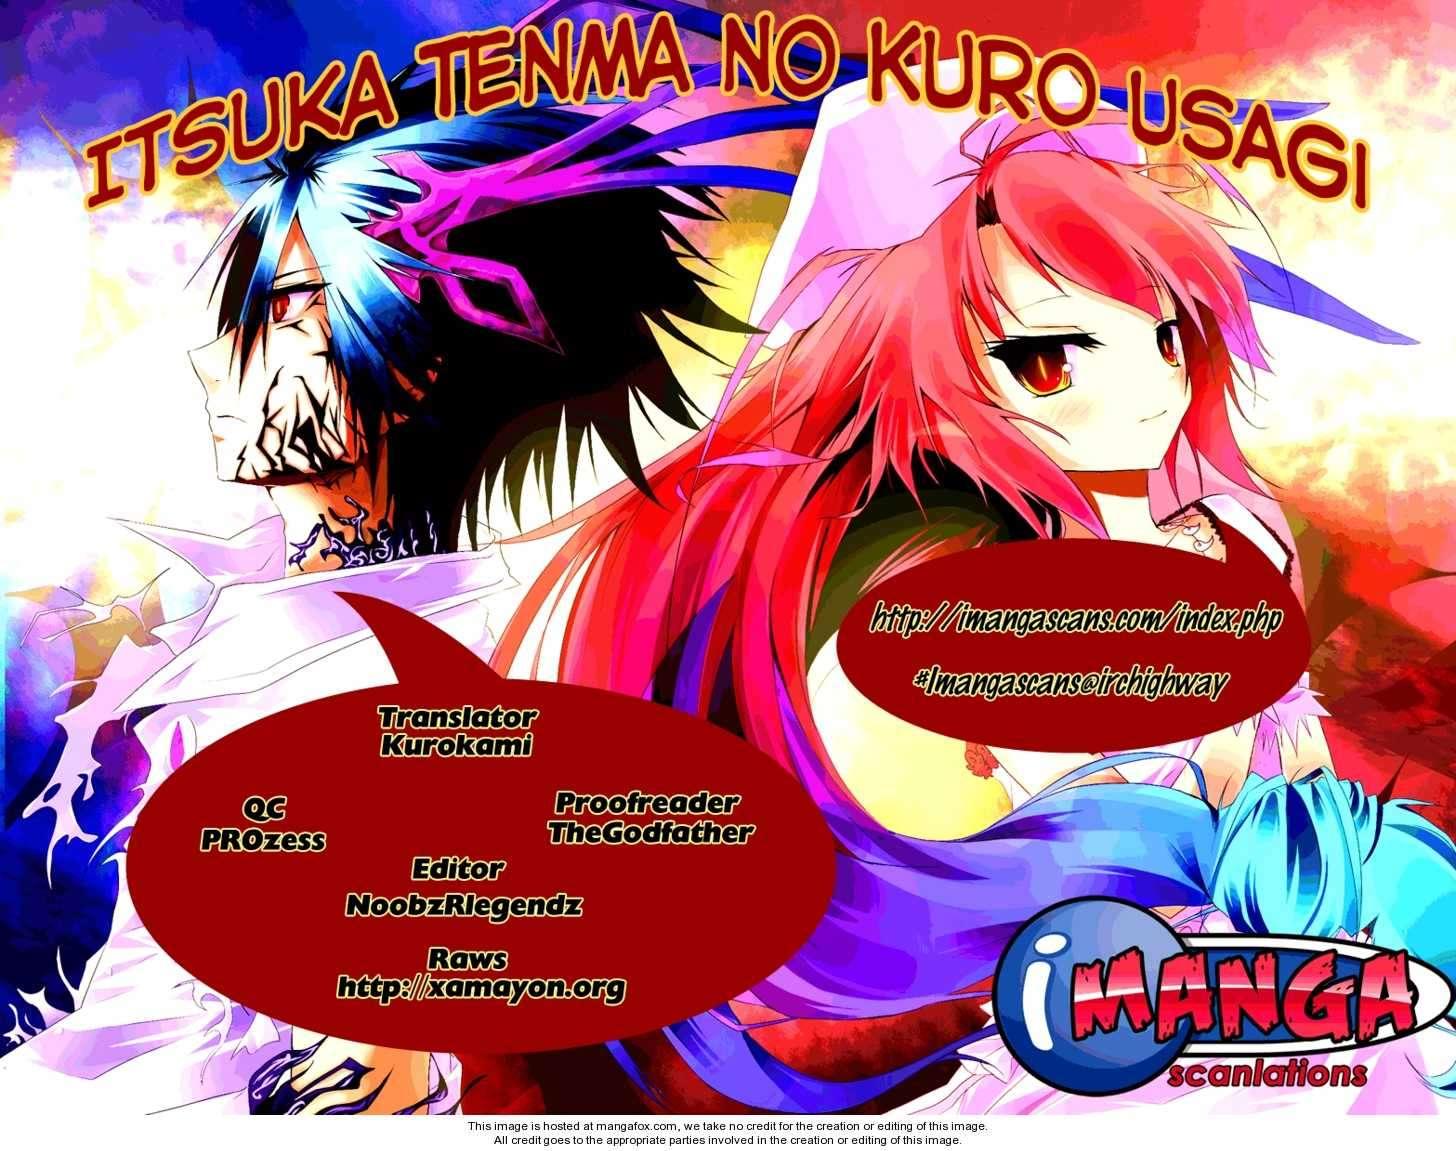 Itsuka Tenma no Kuro Usagi 7 Page 1